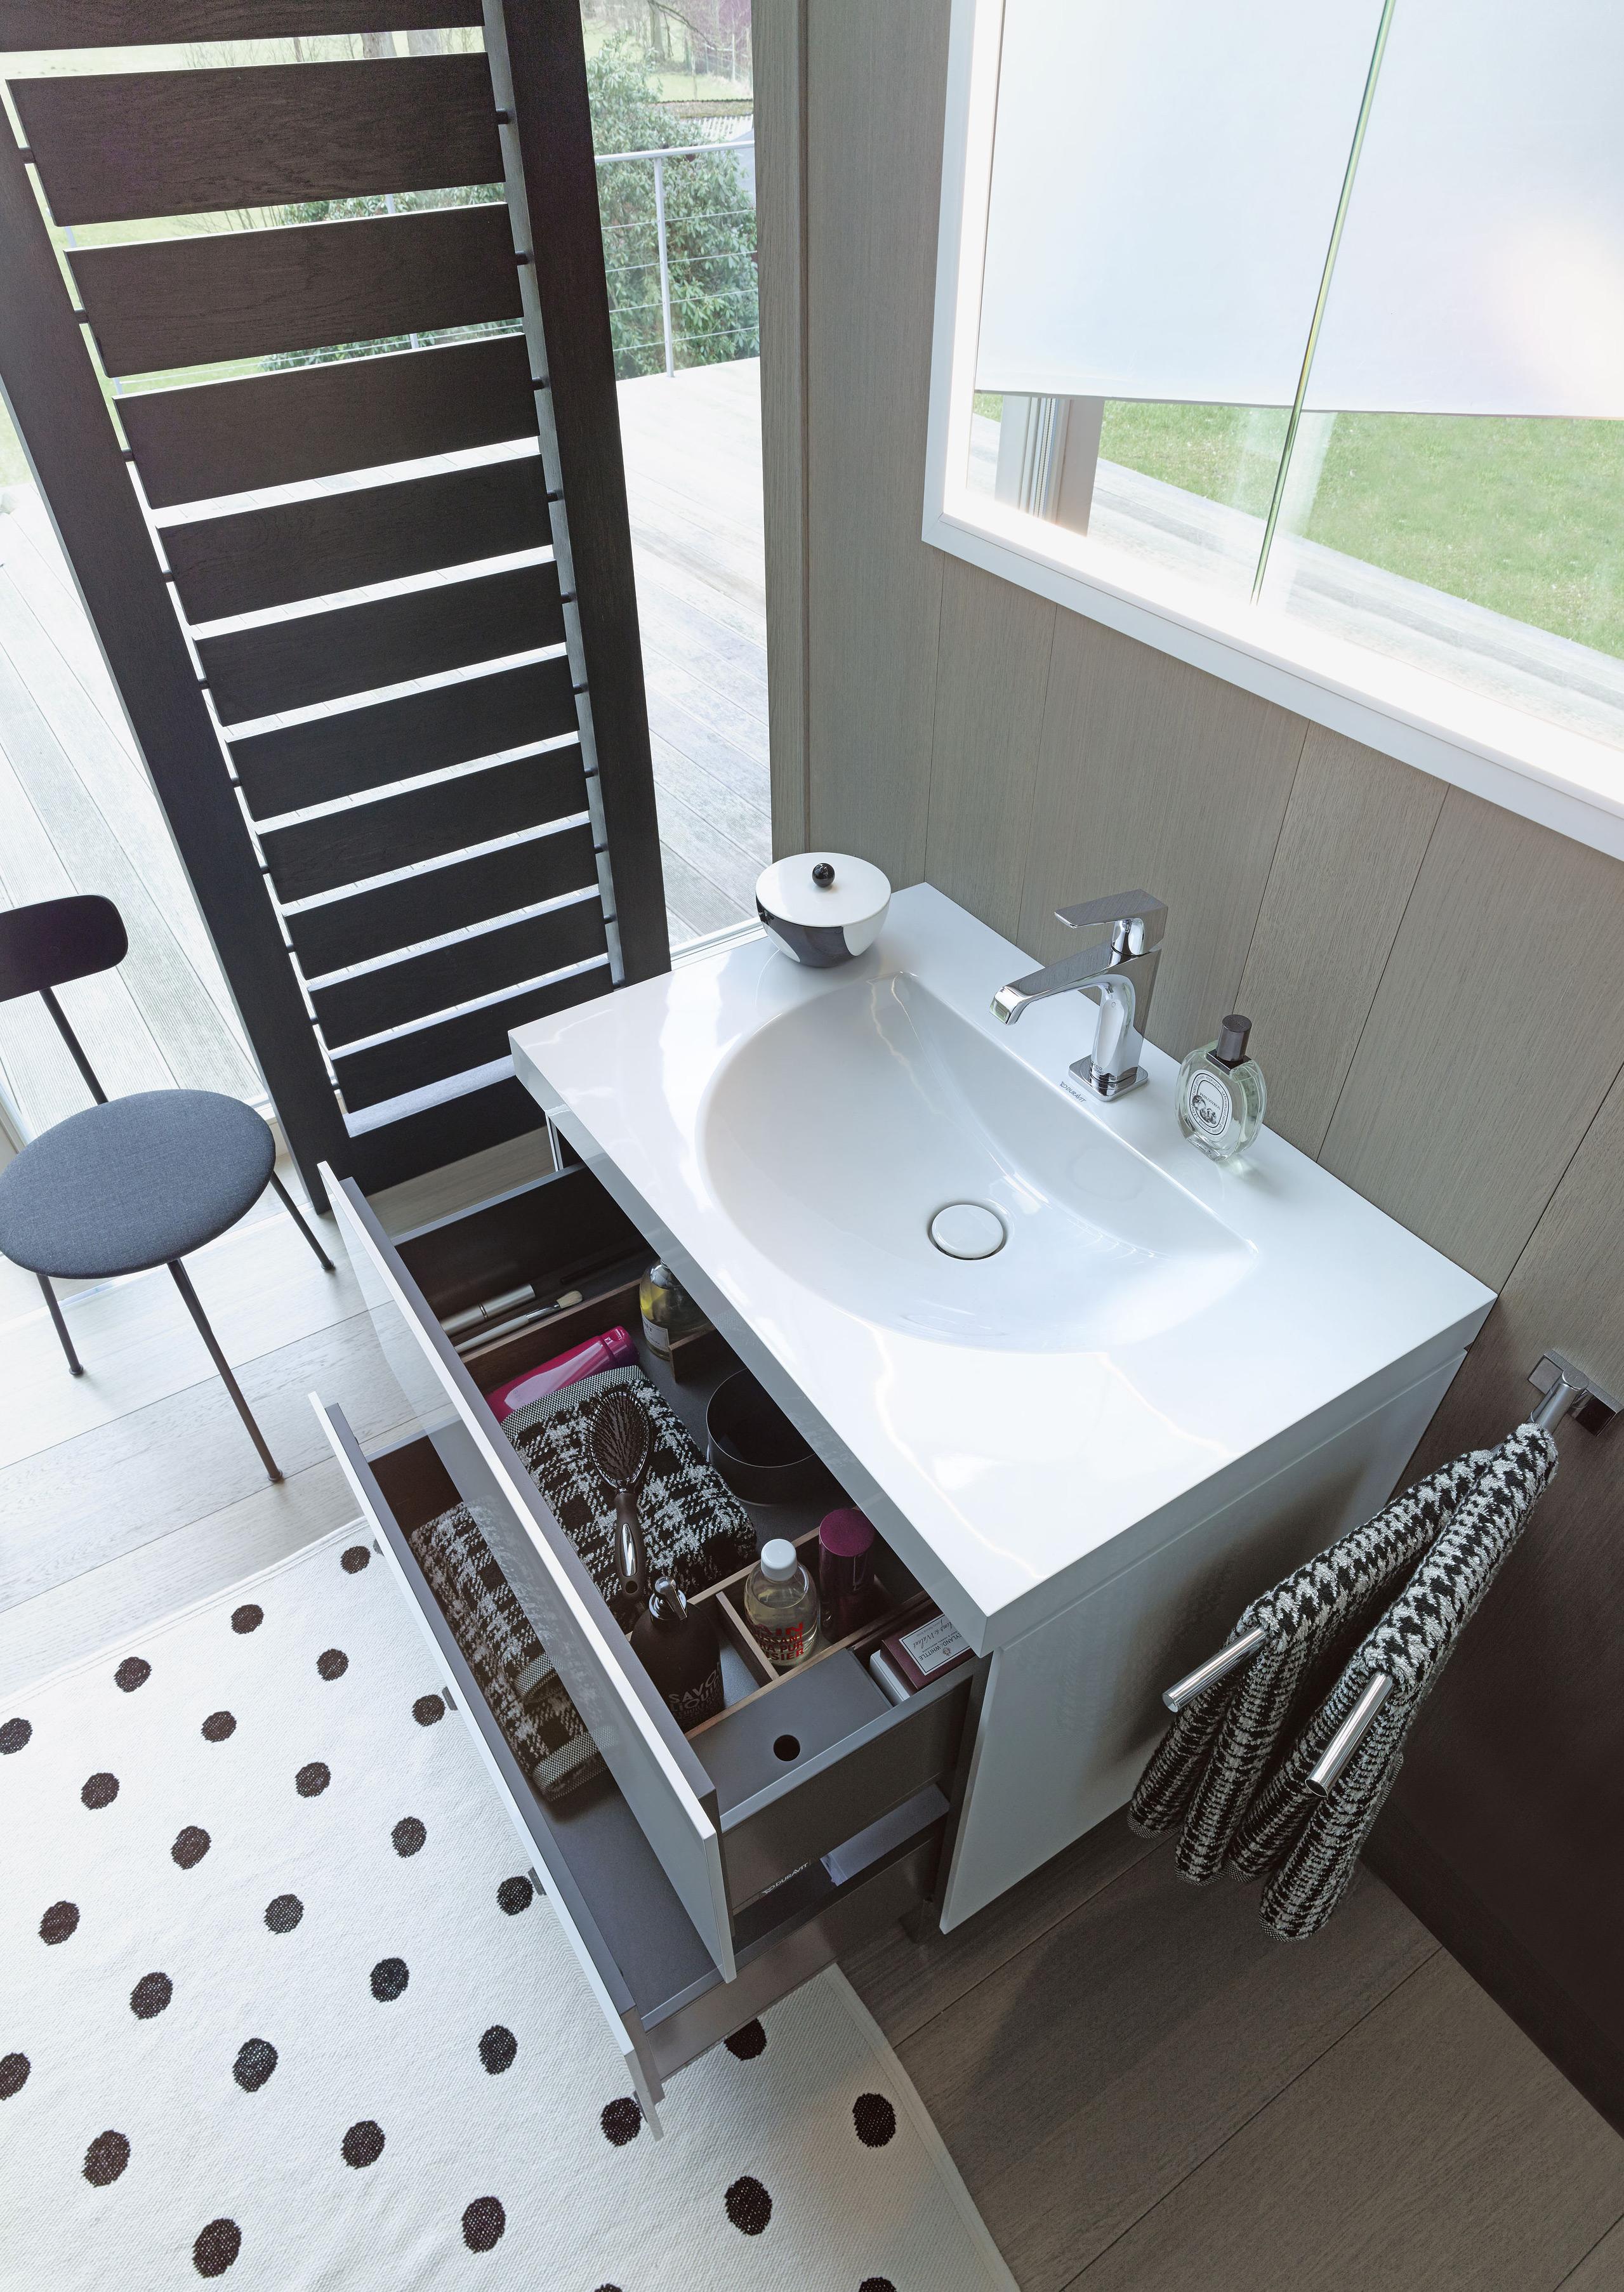 sink mechanism duravit pedestal stopper bathroom vero